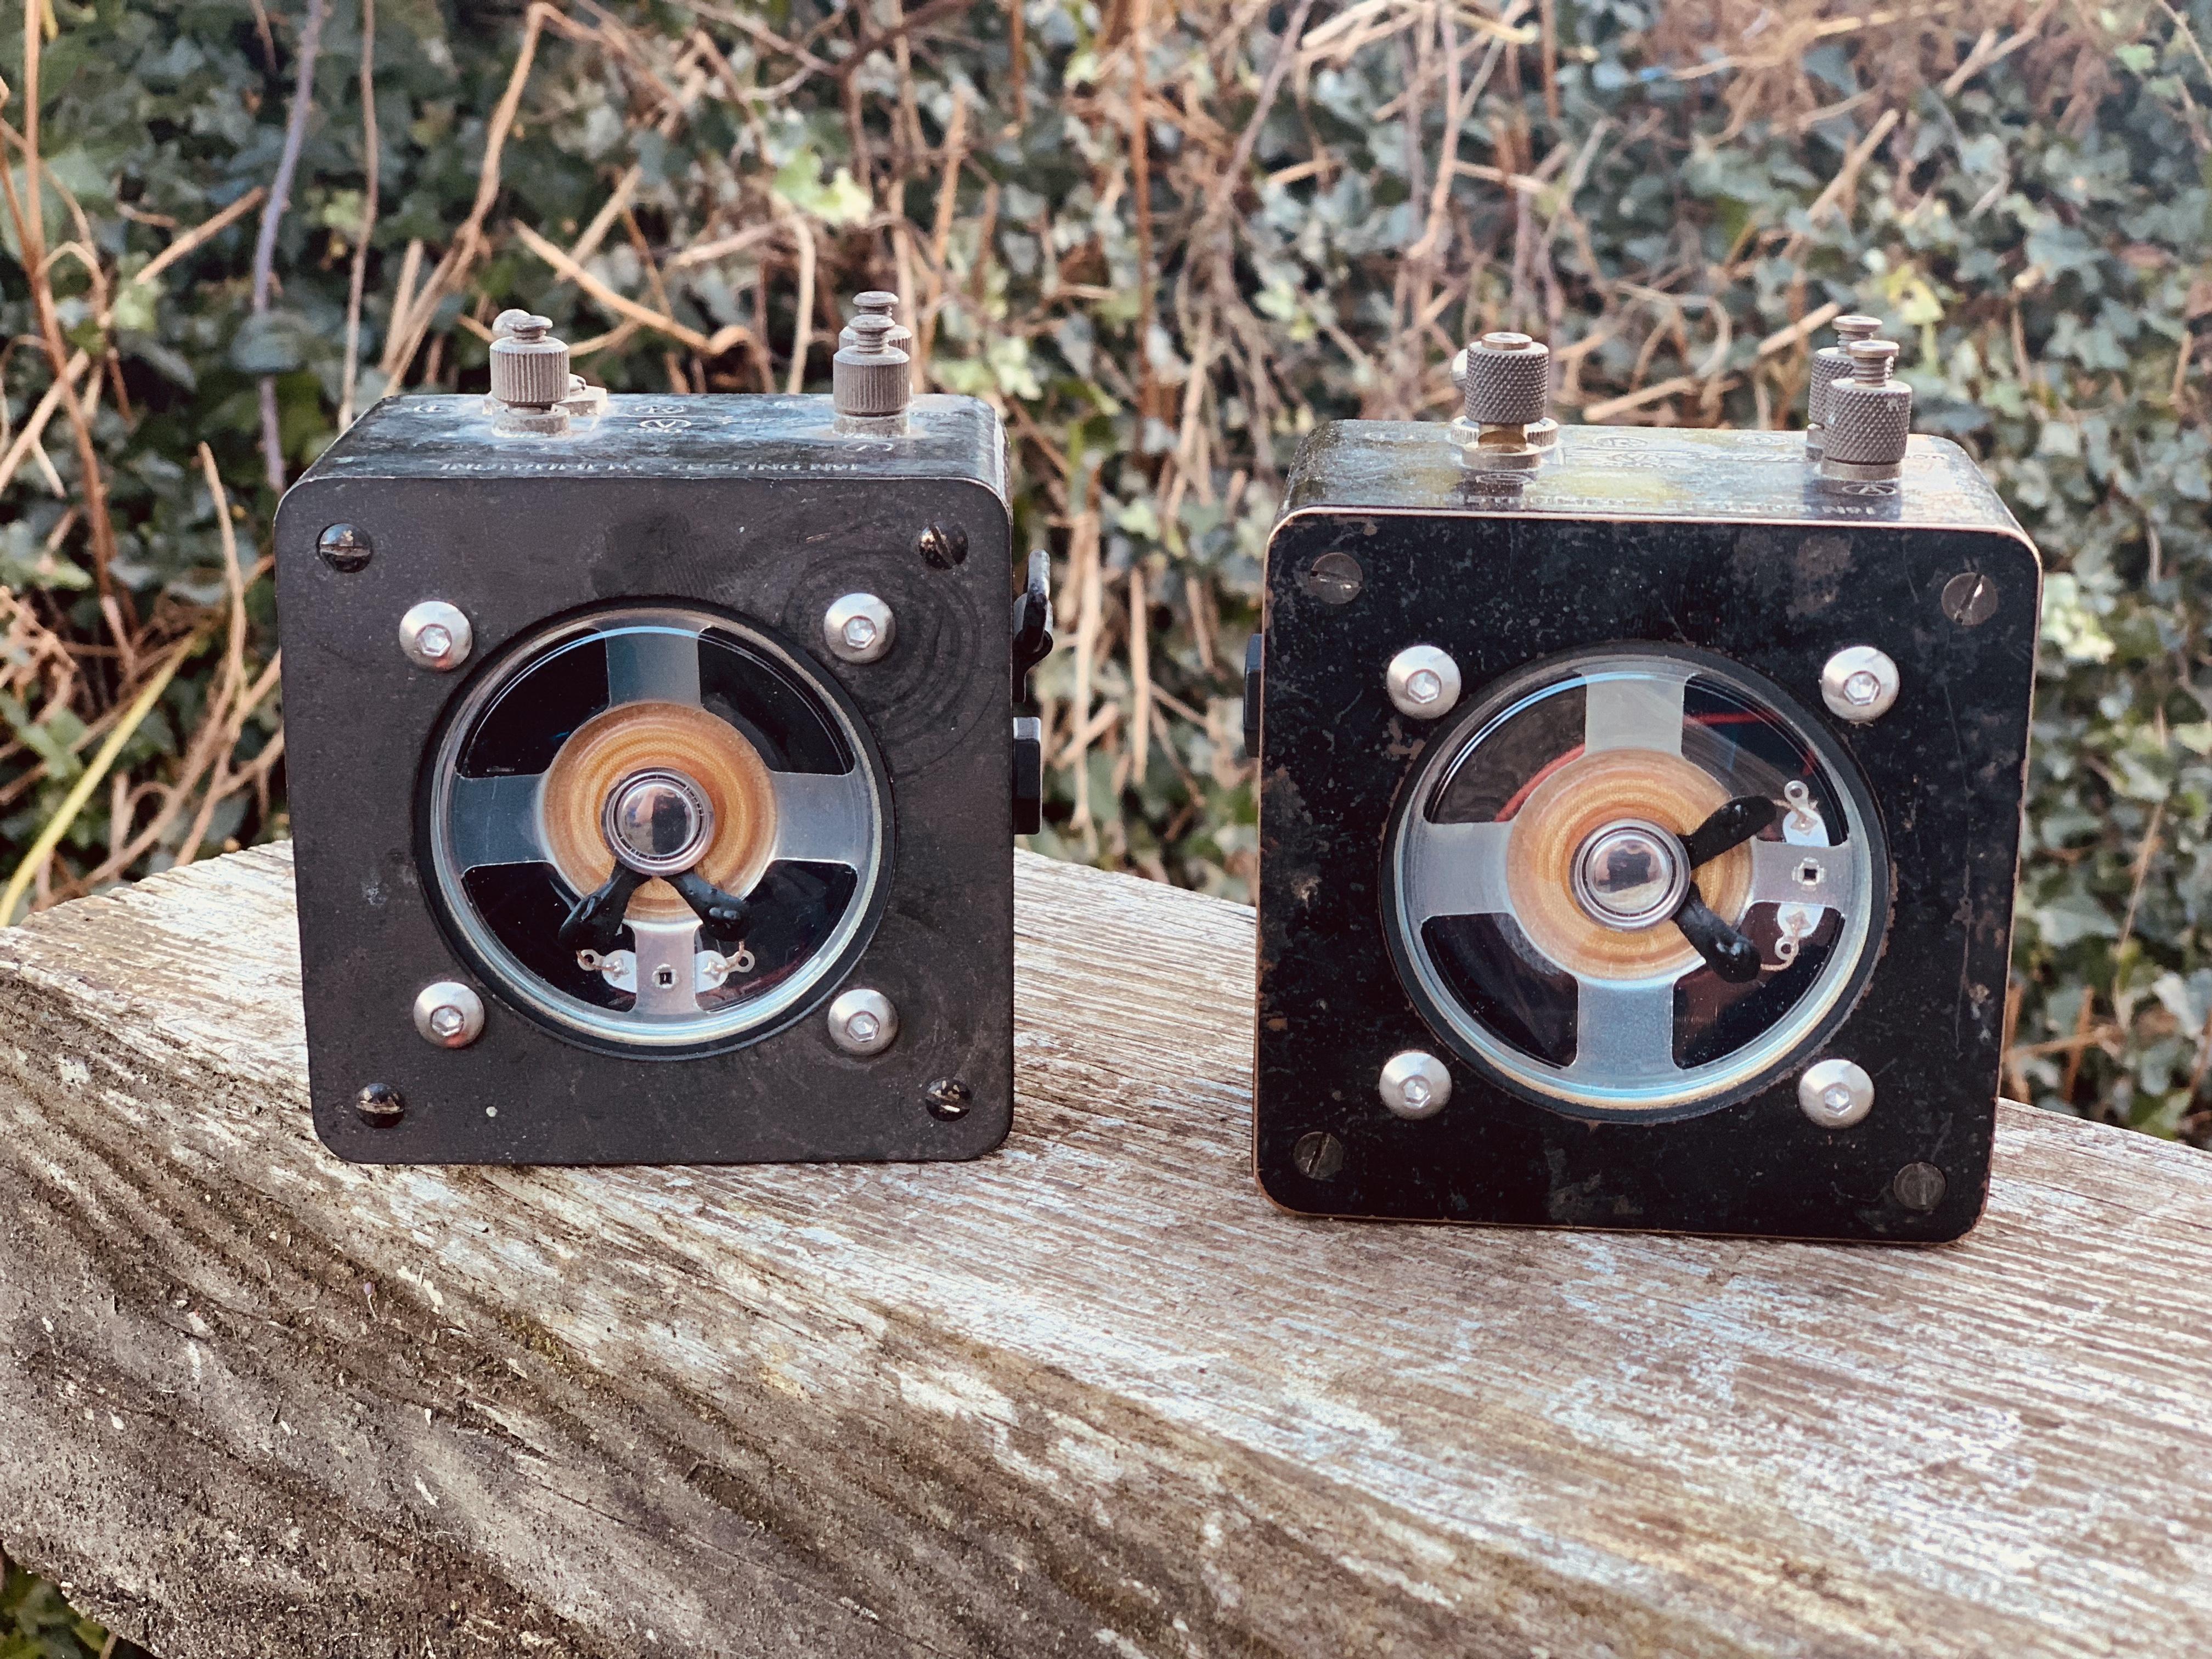 Vintage OHM's meter